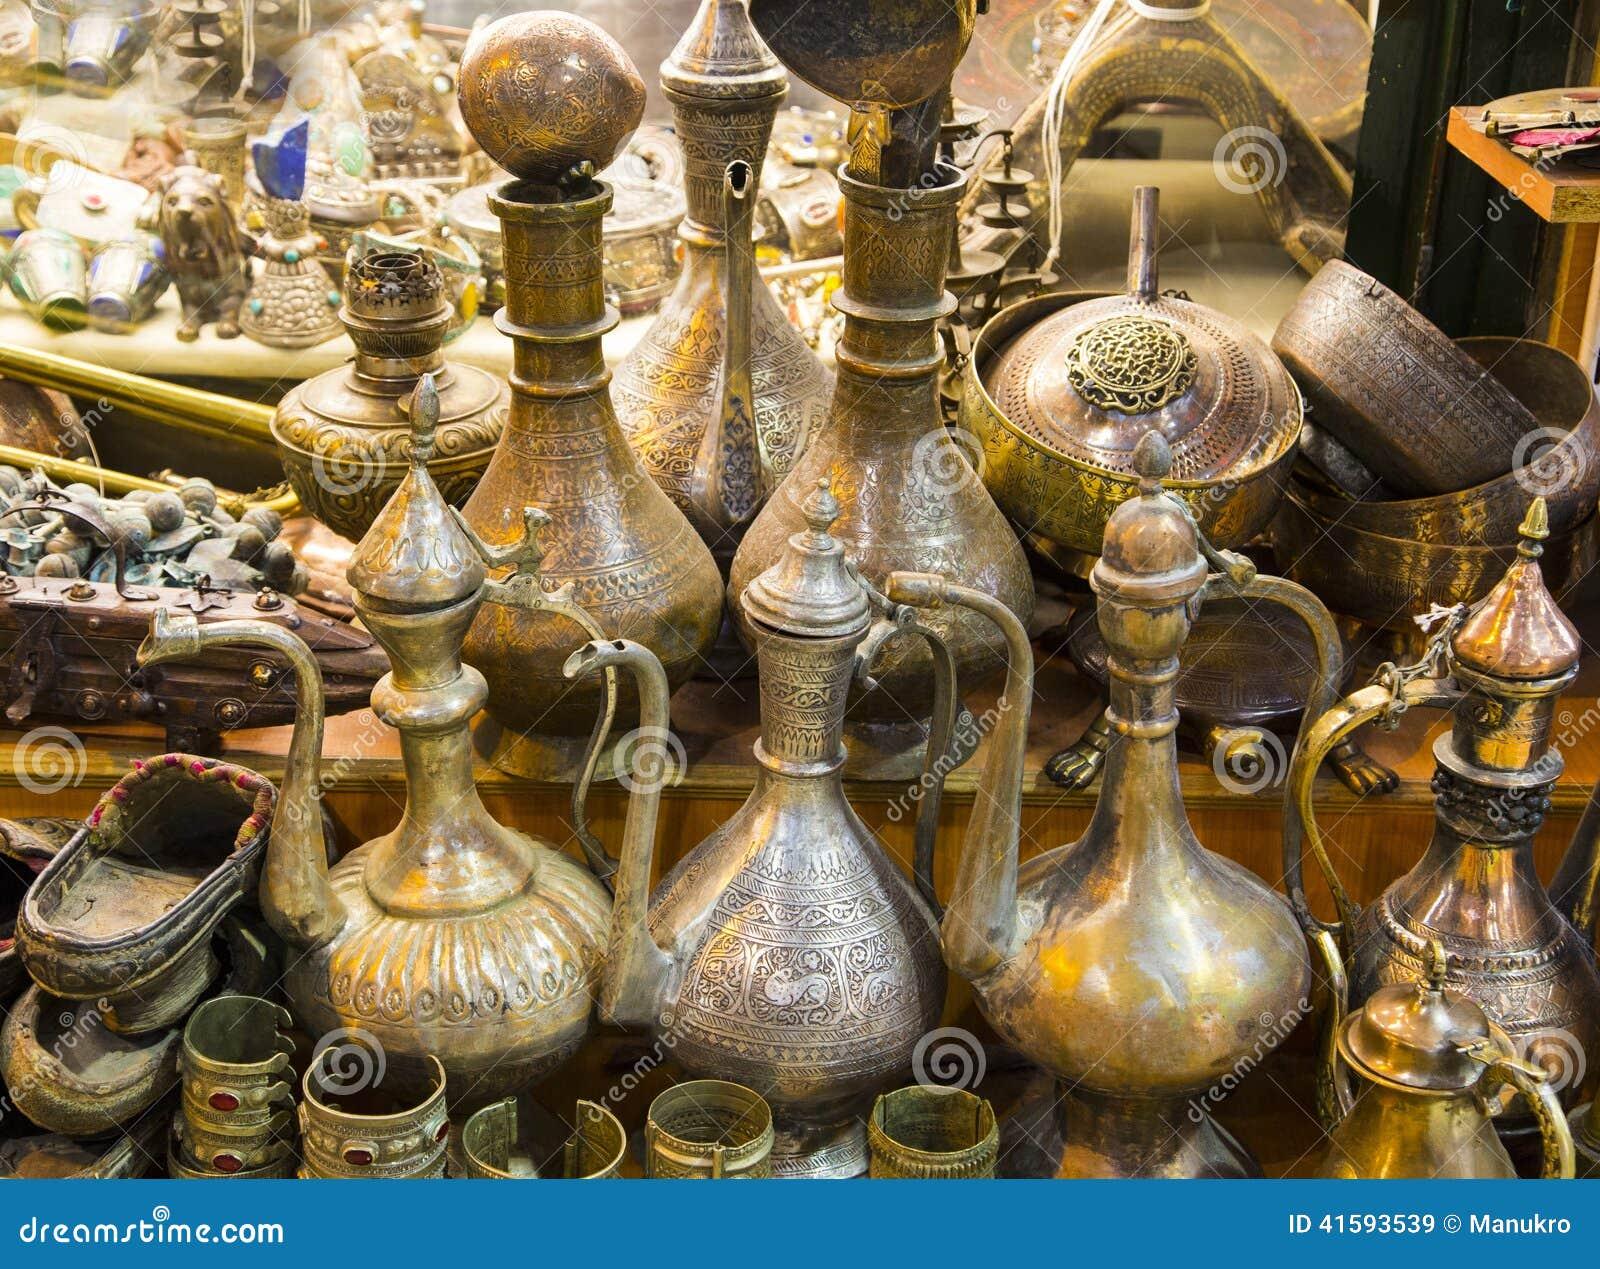 Wonder golden lamp in the grand bazaar